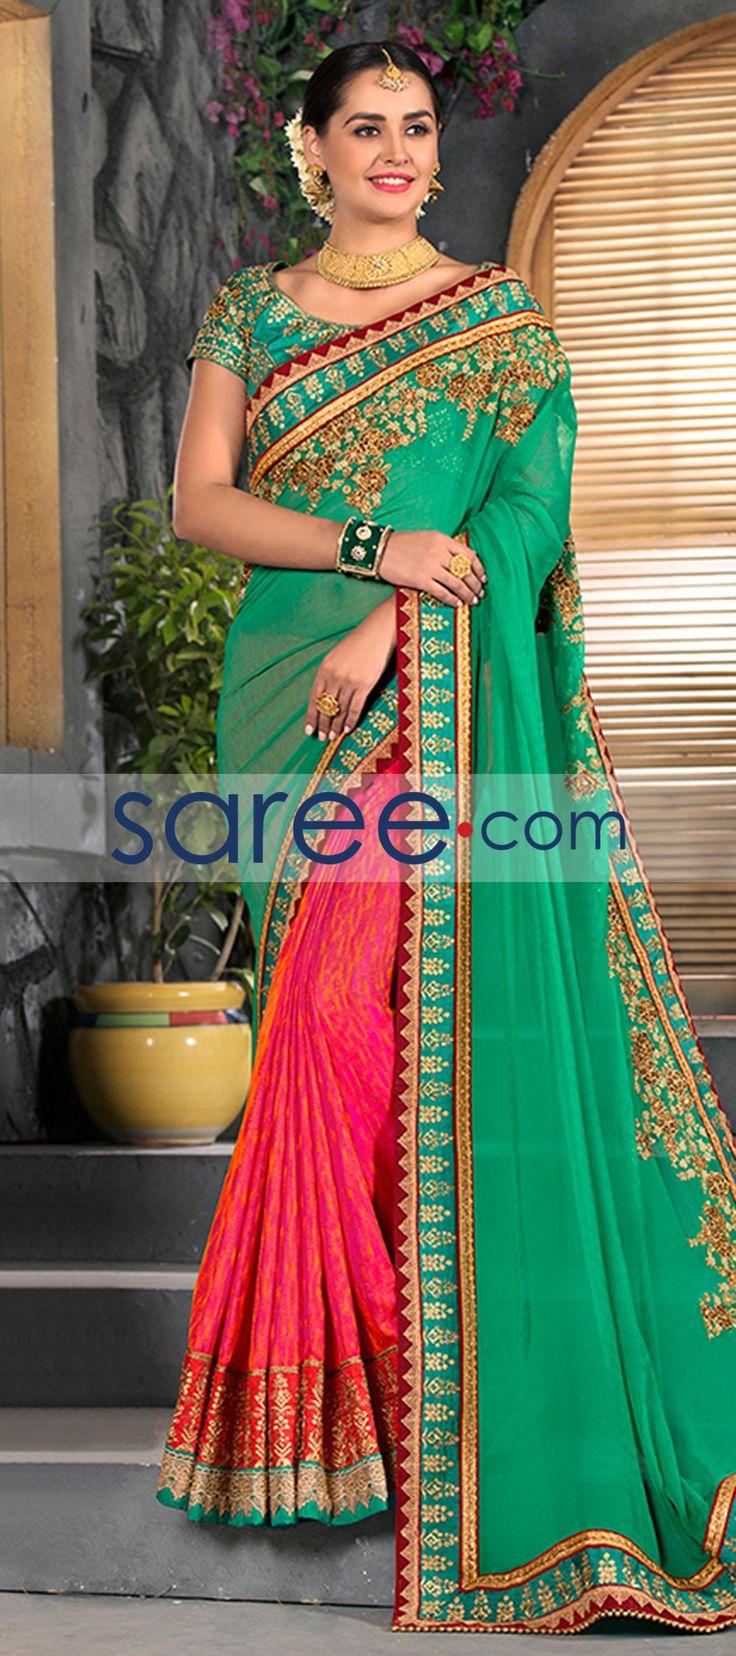 GREEN AND PINK CHIFFON SAREE WITH EMBROIDERY WORK  #Saree #GeorgetteSarees #IndianSaree #Sarees #PartywearSarees #DesignerSarees #SareeFashion